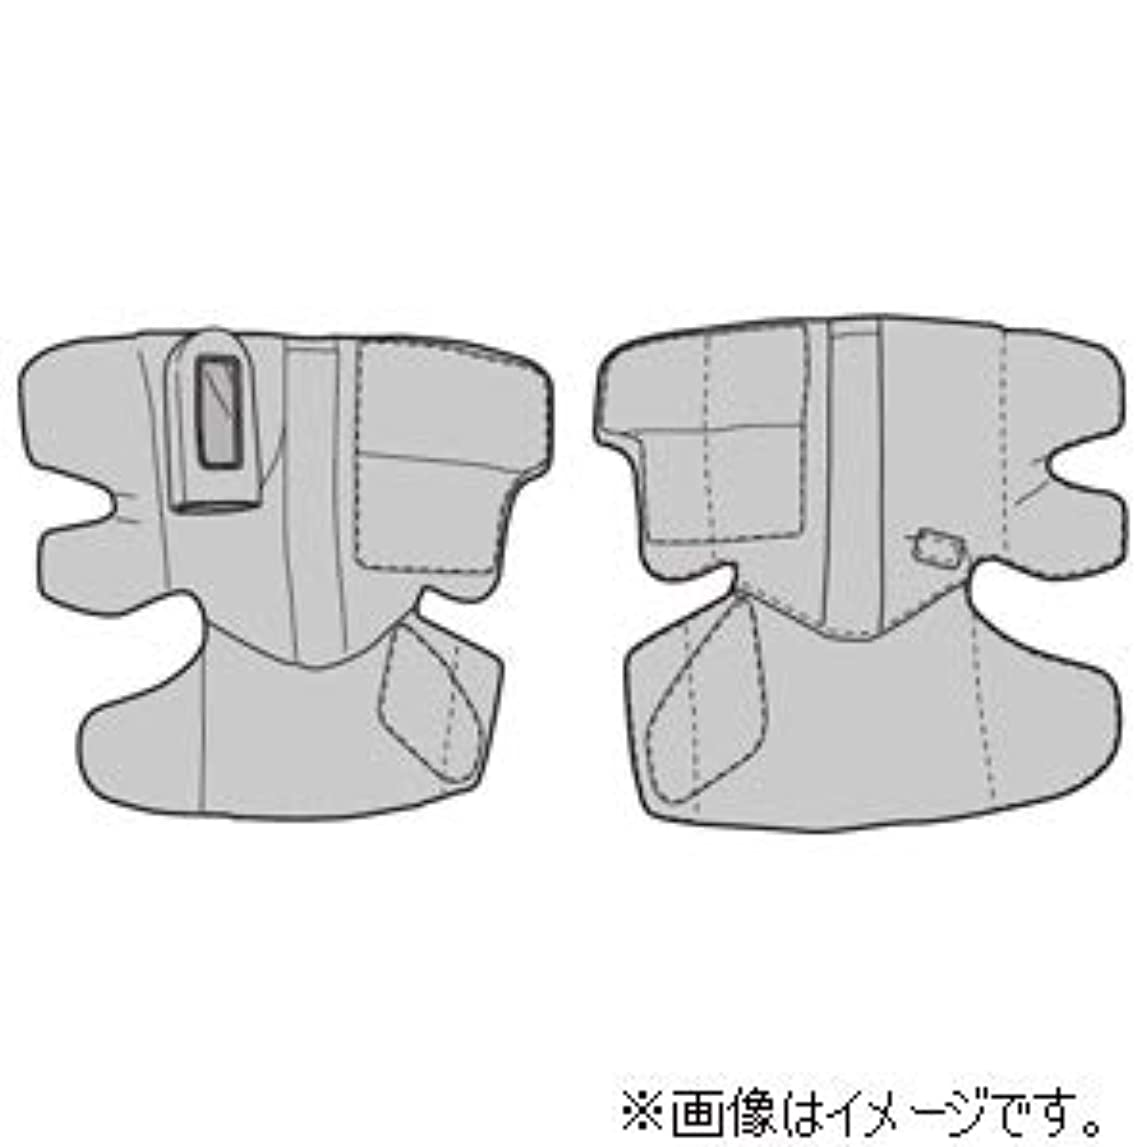 ではごきげんよう寝具可能にするオムロン エアマッサージャ用 本体カバーセット(ワインレッド)【左右×各1枚】OMRON ふわふわ生地 HM-260-COVWR